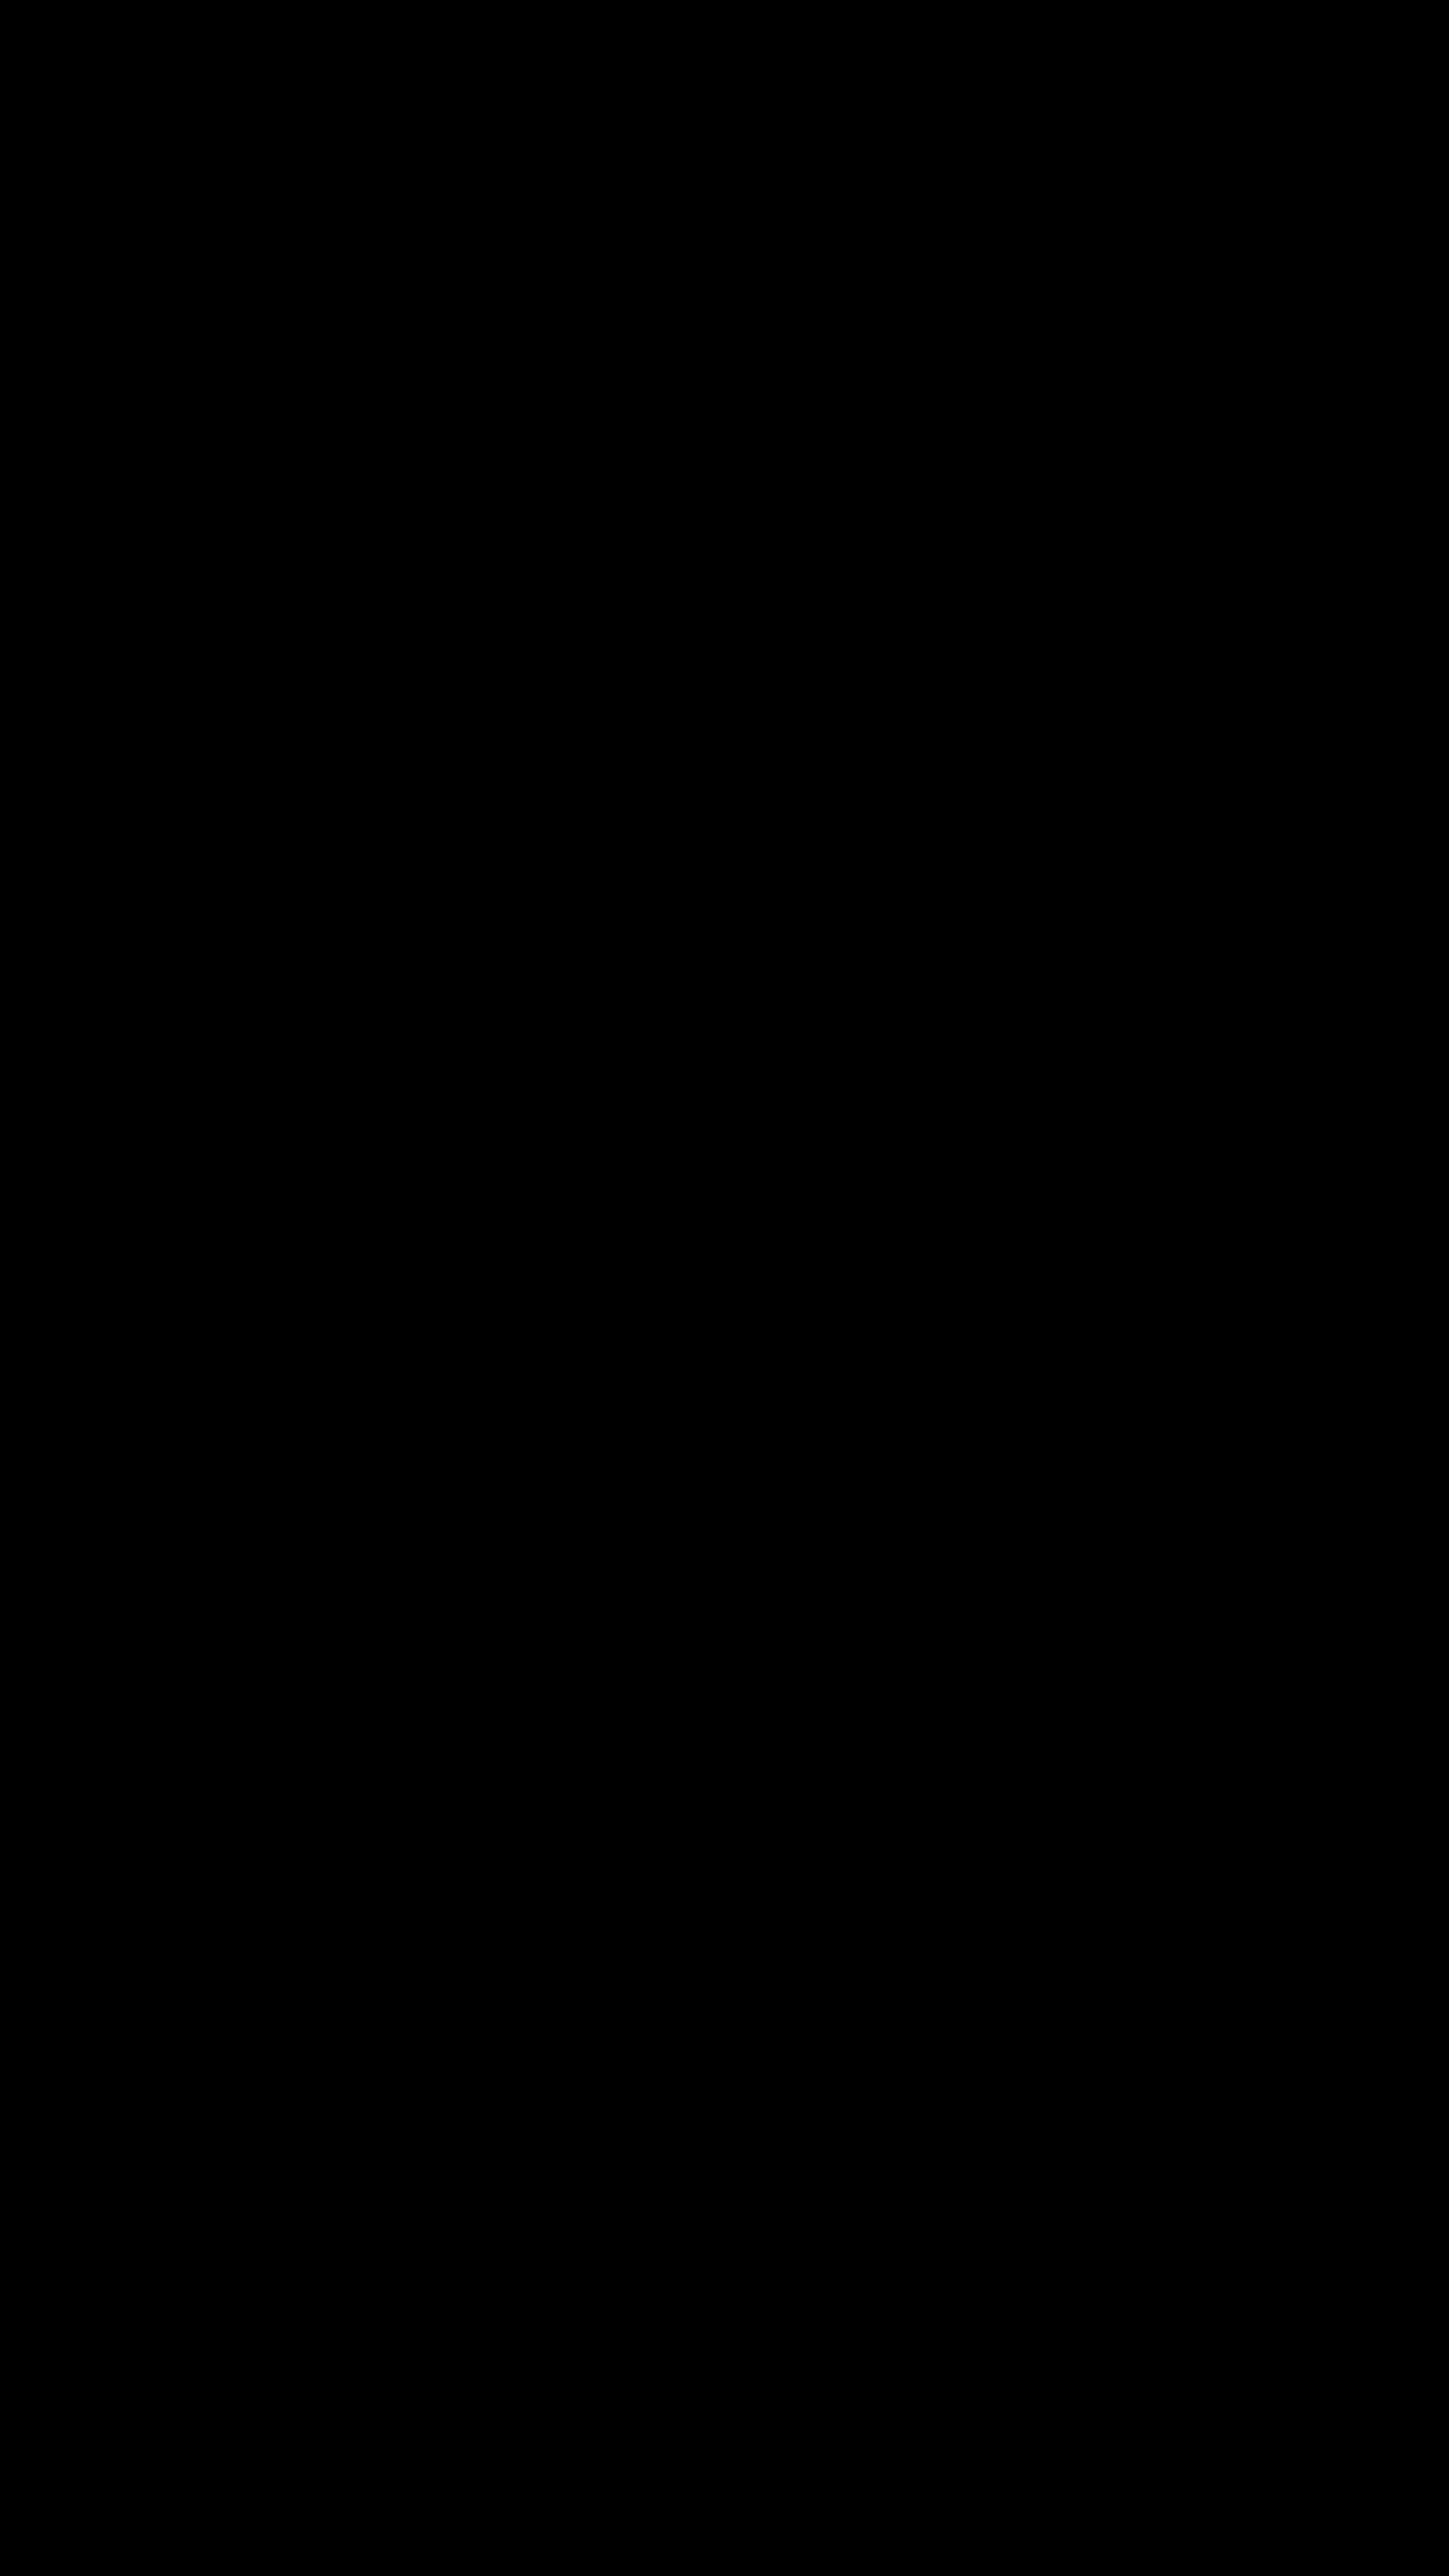 Starship Enterprise Poster Star Trek Wallpaper Star Trek Posters Star Trek Original